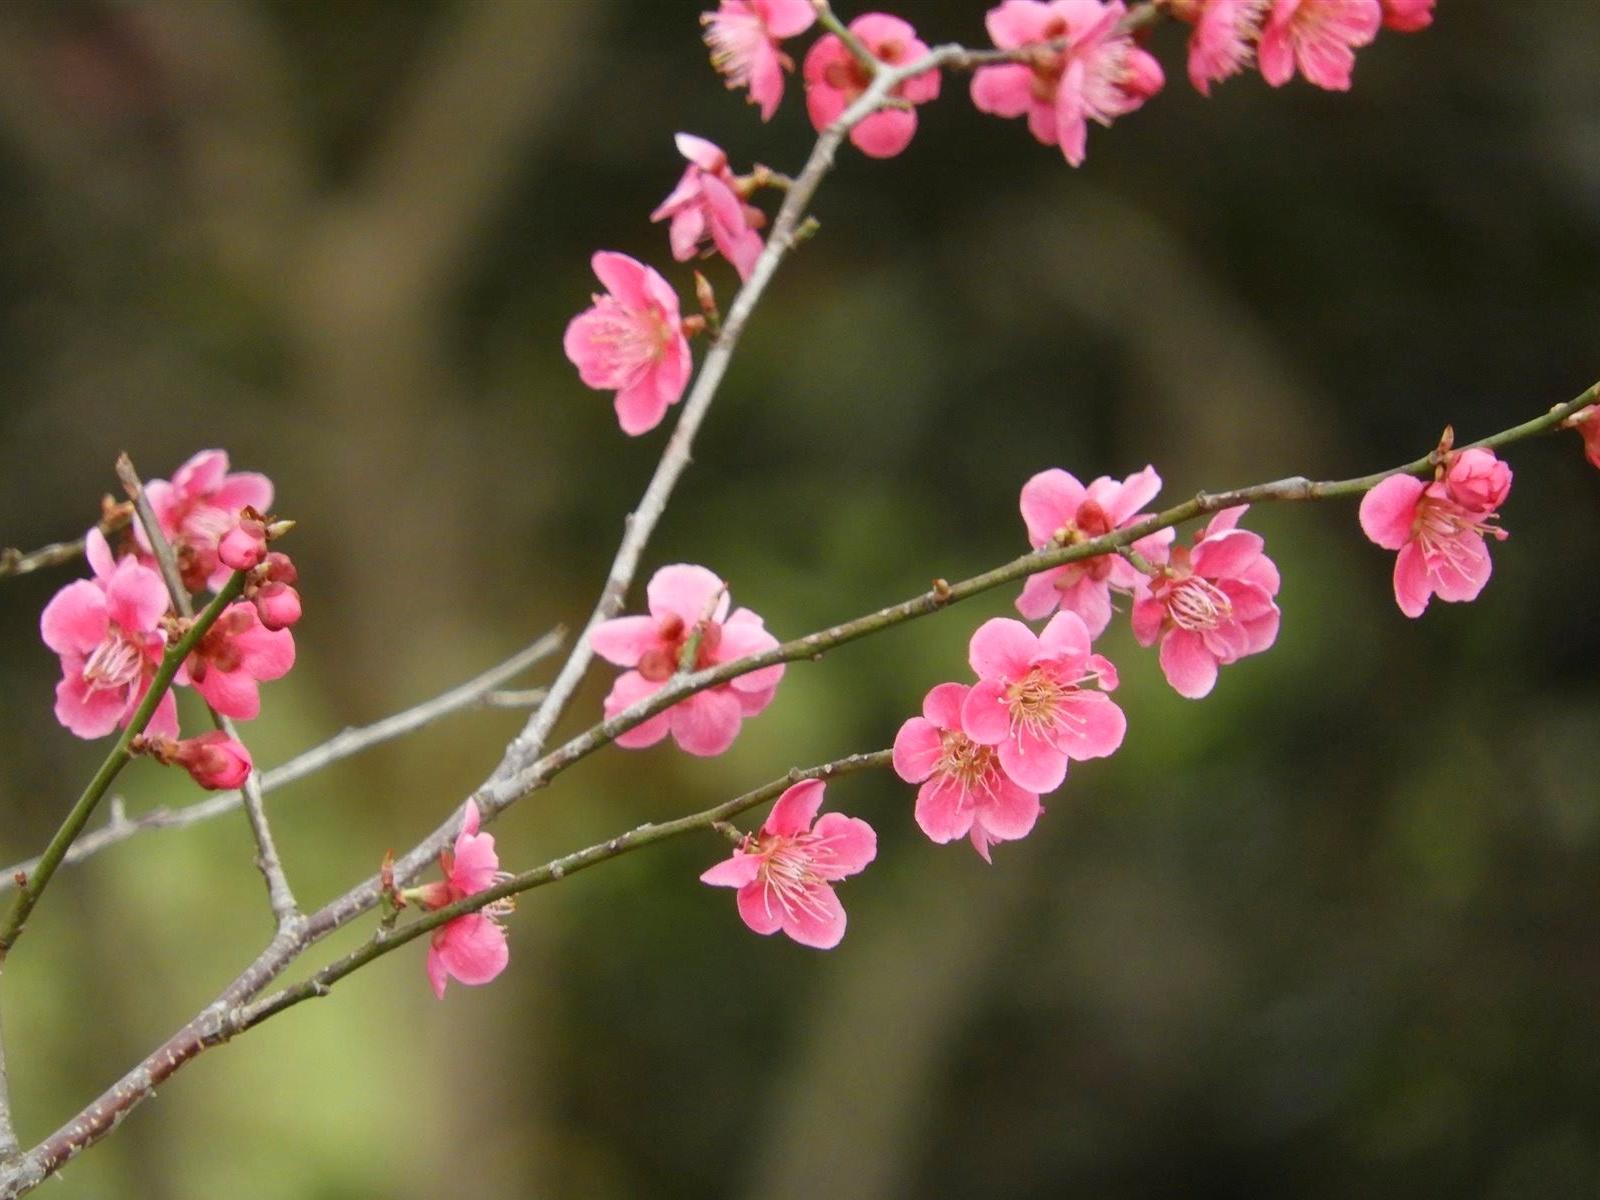 【まとめ】2021年 山形県の週末イベント情報 4月3日(土)・4月4日(日)